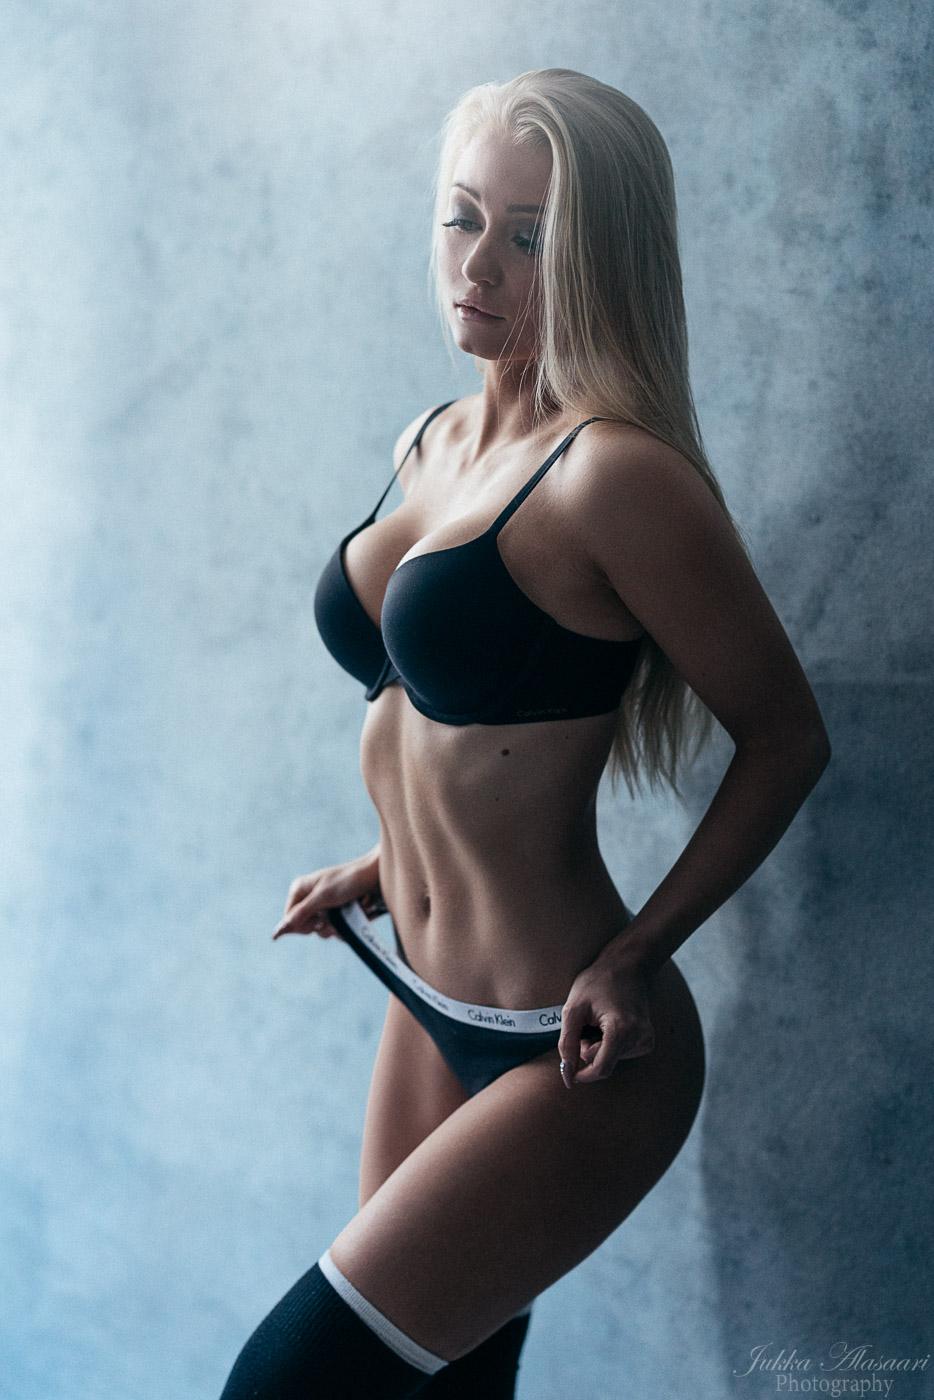 Eveliina Koskelo